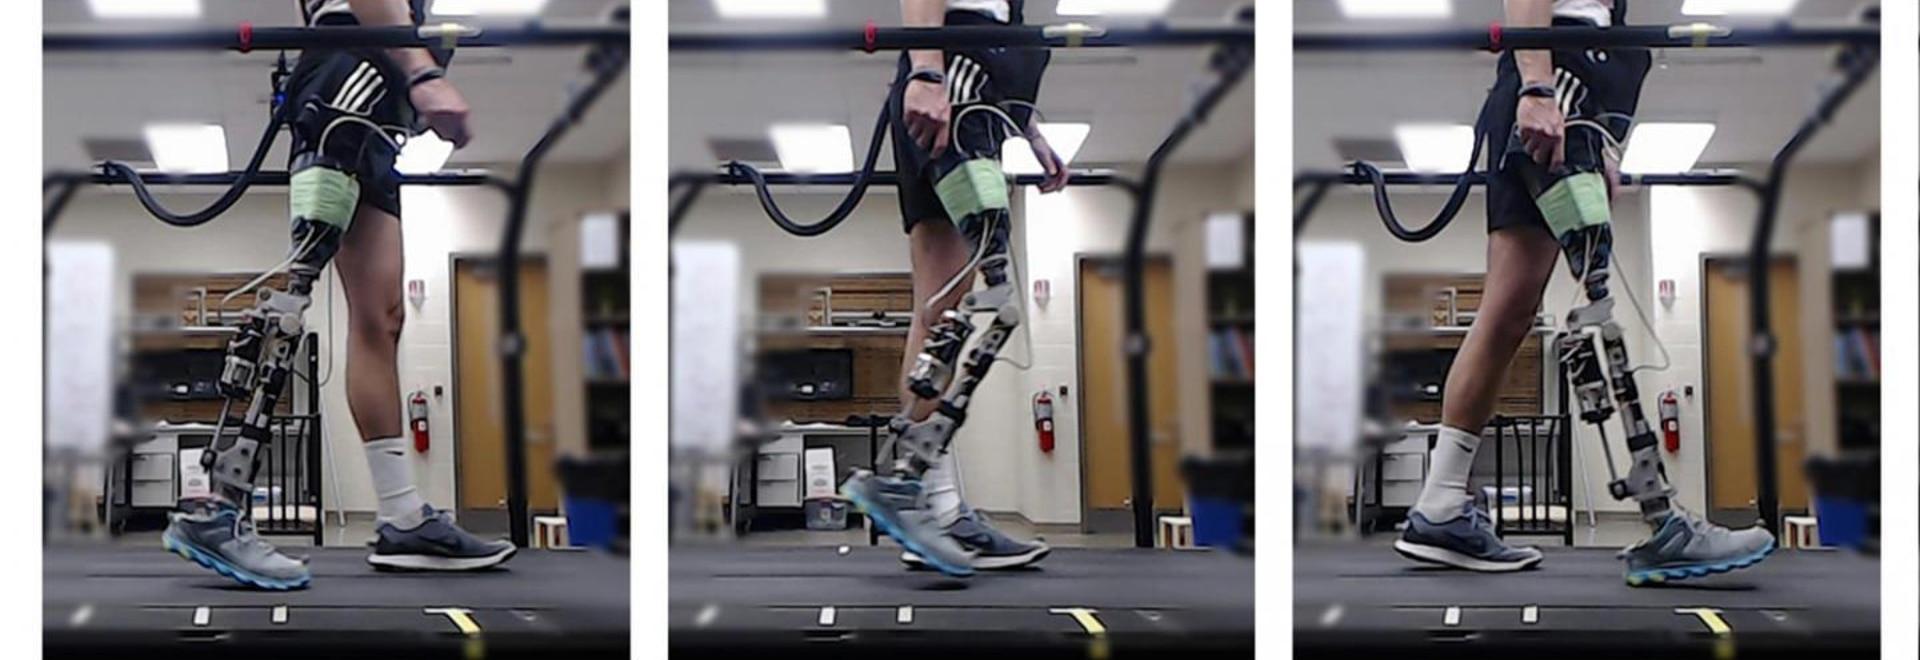 Le système d'étude de renfort forme automatiquement les jambes prosthétiques